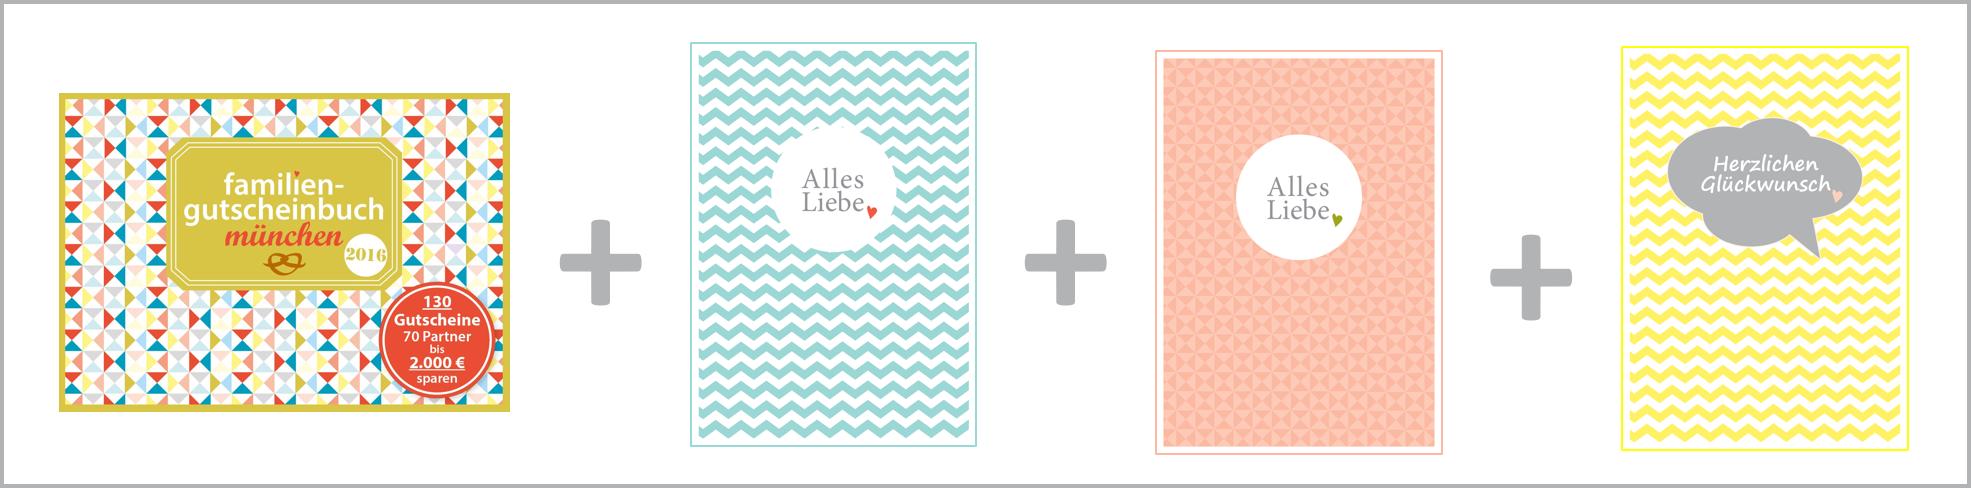 Familiengutscheinbuch + Familienpostkarten München